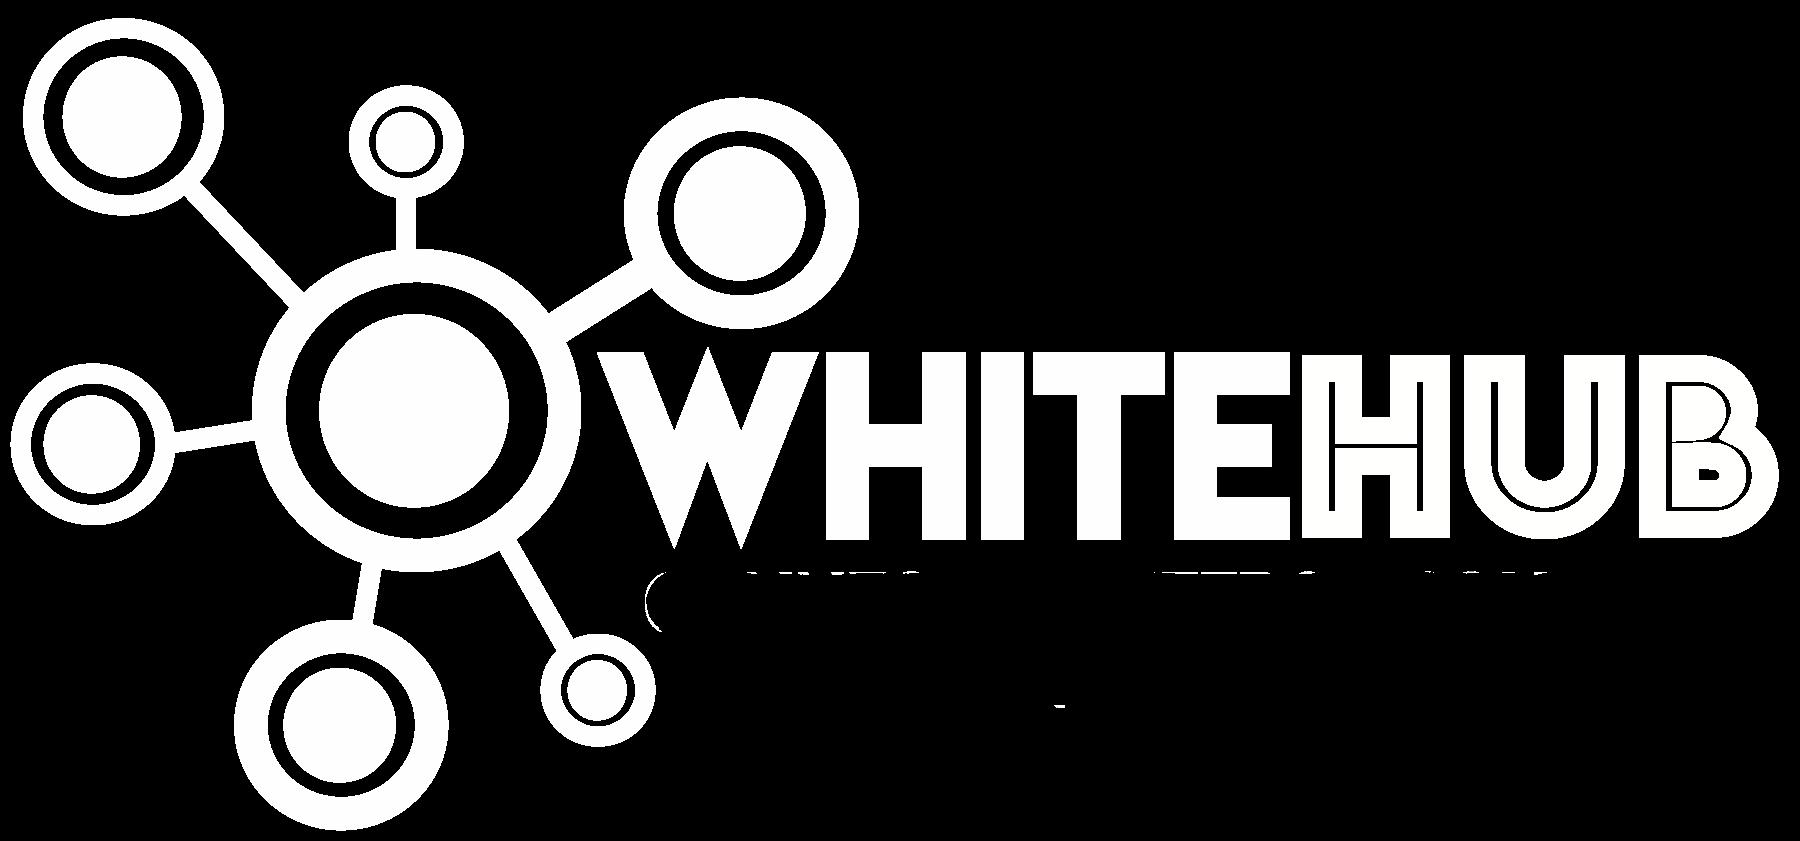 WhiteHub